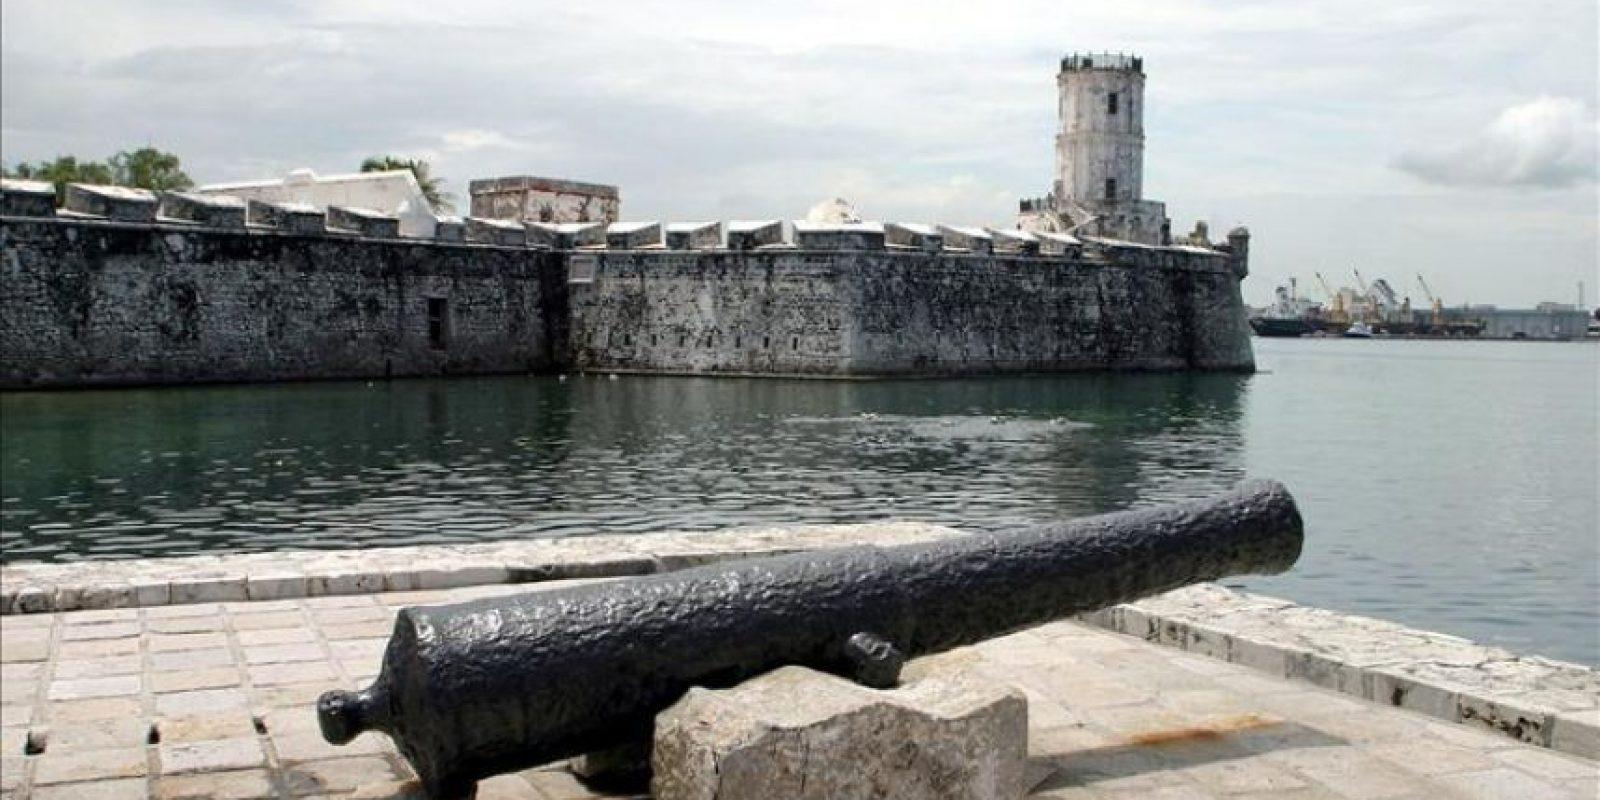 Aspecto de la fortaleza de 'San Juan de Ulua' que resguarda el puerto de Veracruz desde hace 500 años donde los españoles lo construyeron para defender los tesoros del puerto de los piratas. EFE/archivo